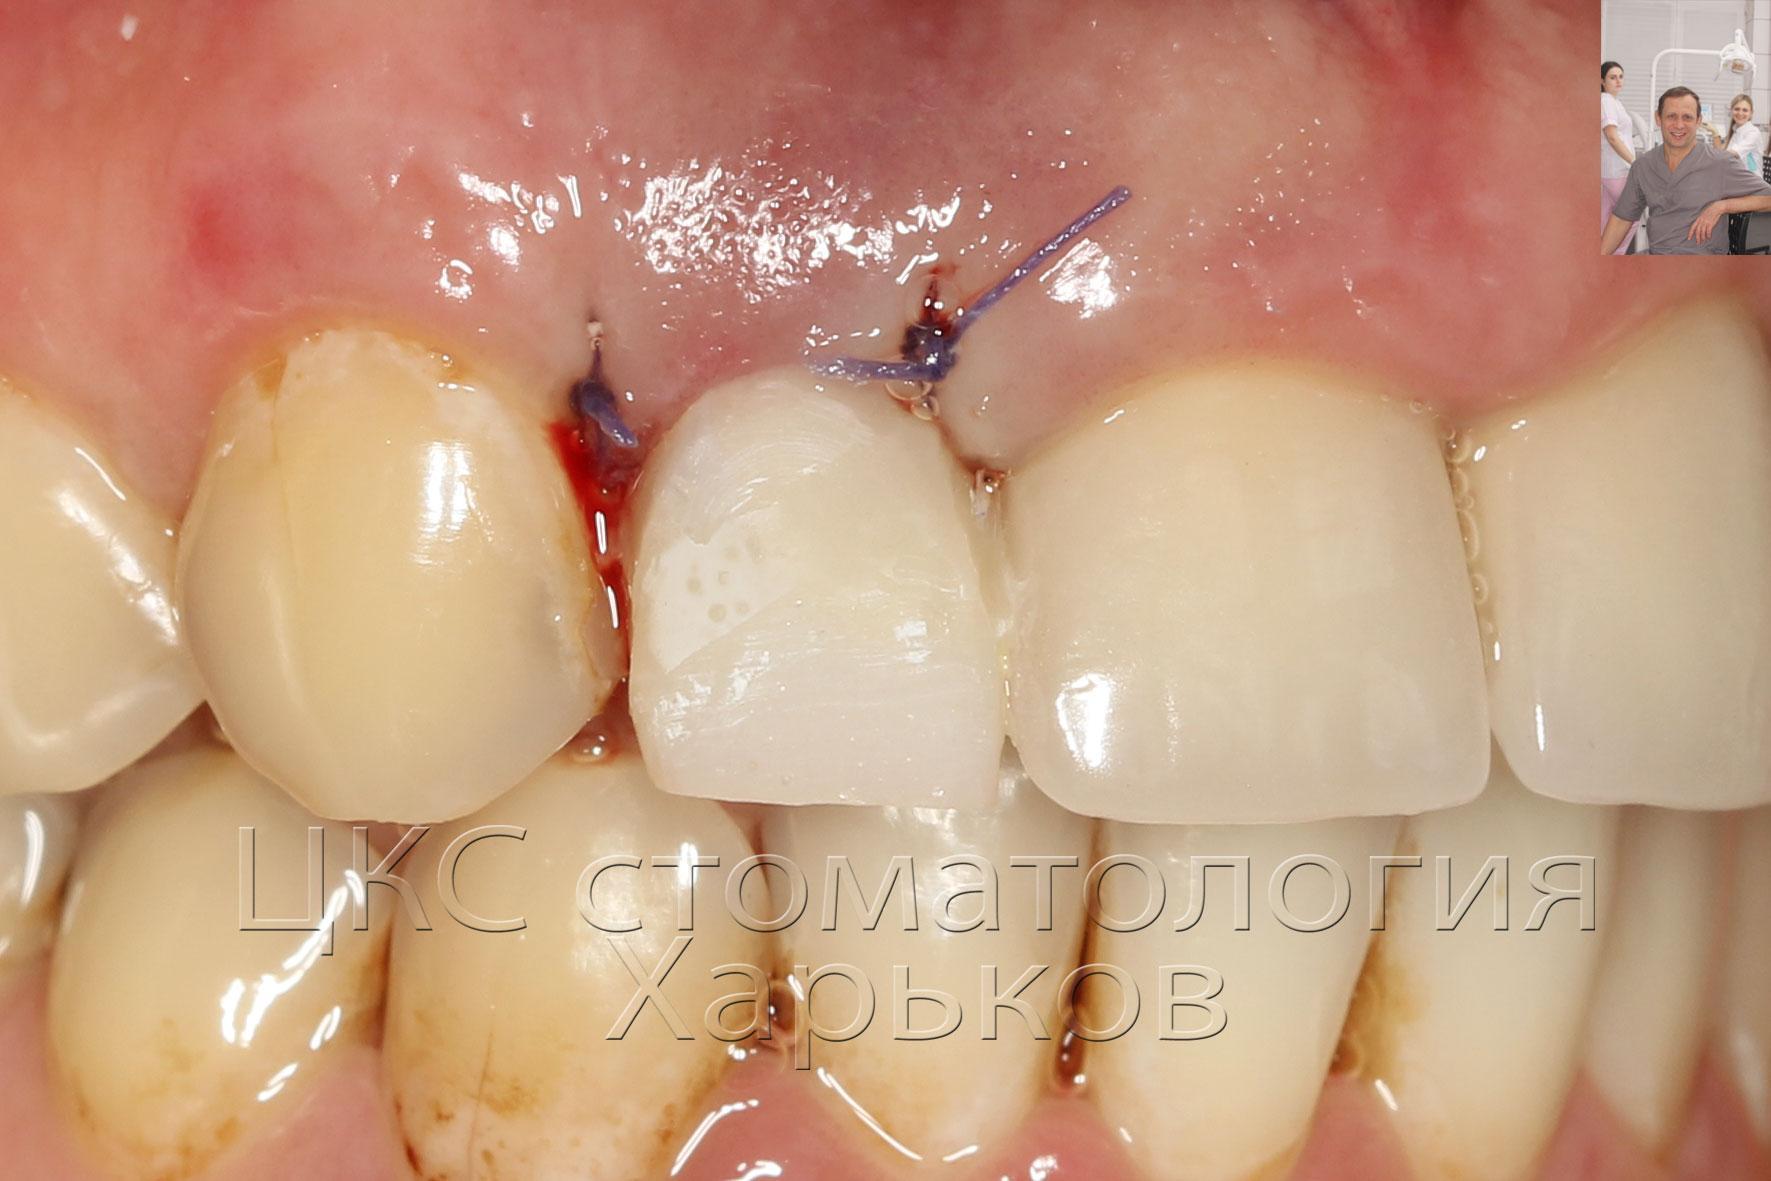 Временная коронка изготовлена сразу после установки зубного имплантата